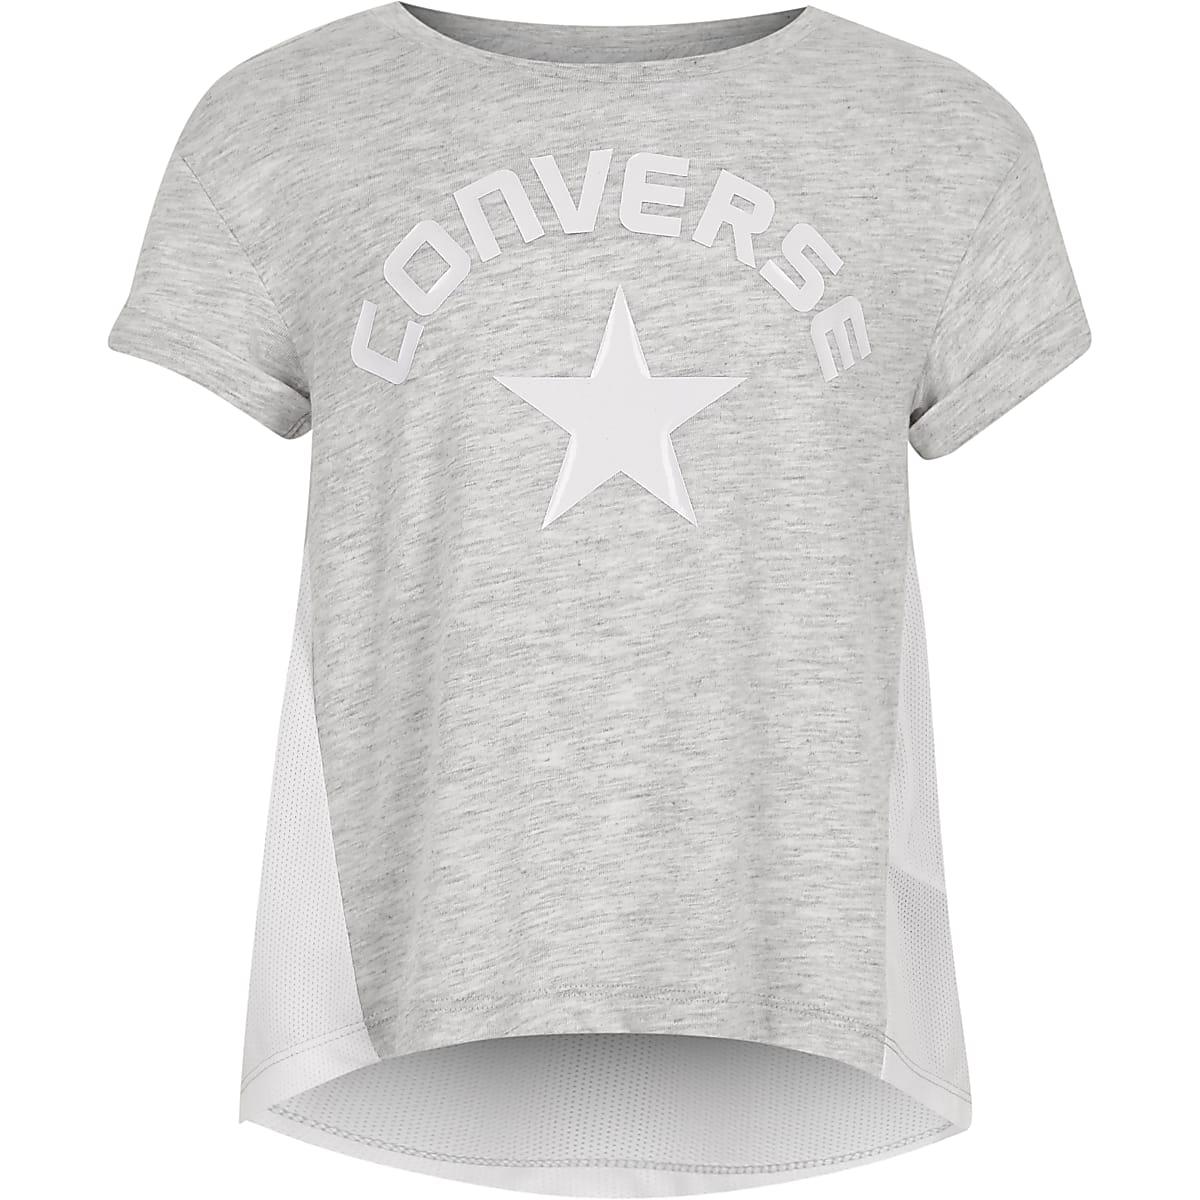 Converse – T-shirt gris style rock pour fille